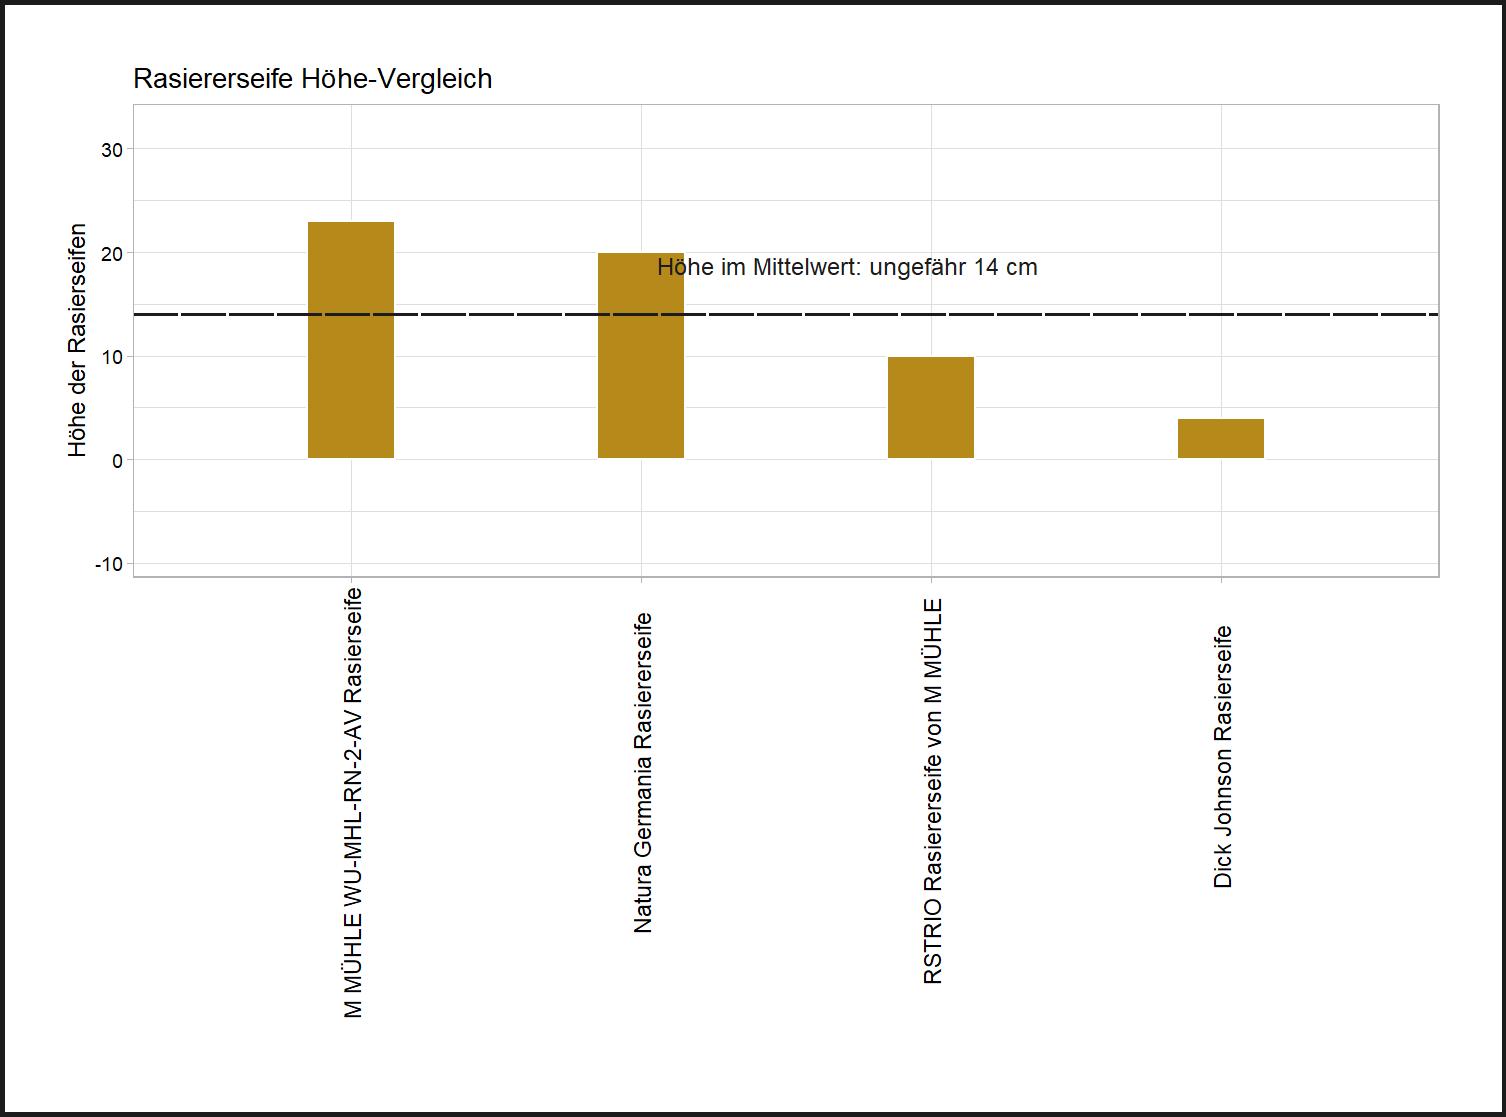 umfassender Höhe-Vergleich Rasiererseife Höhe